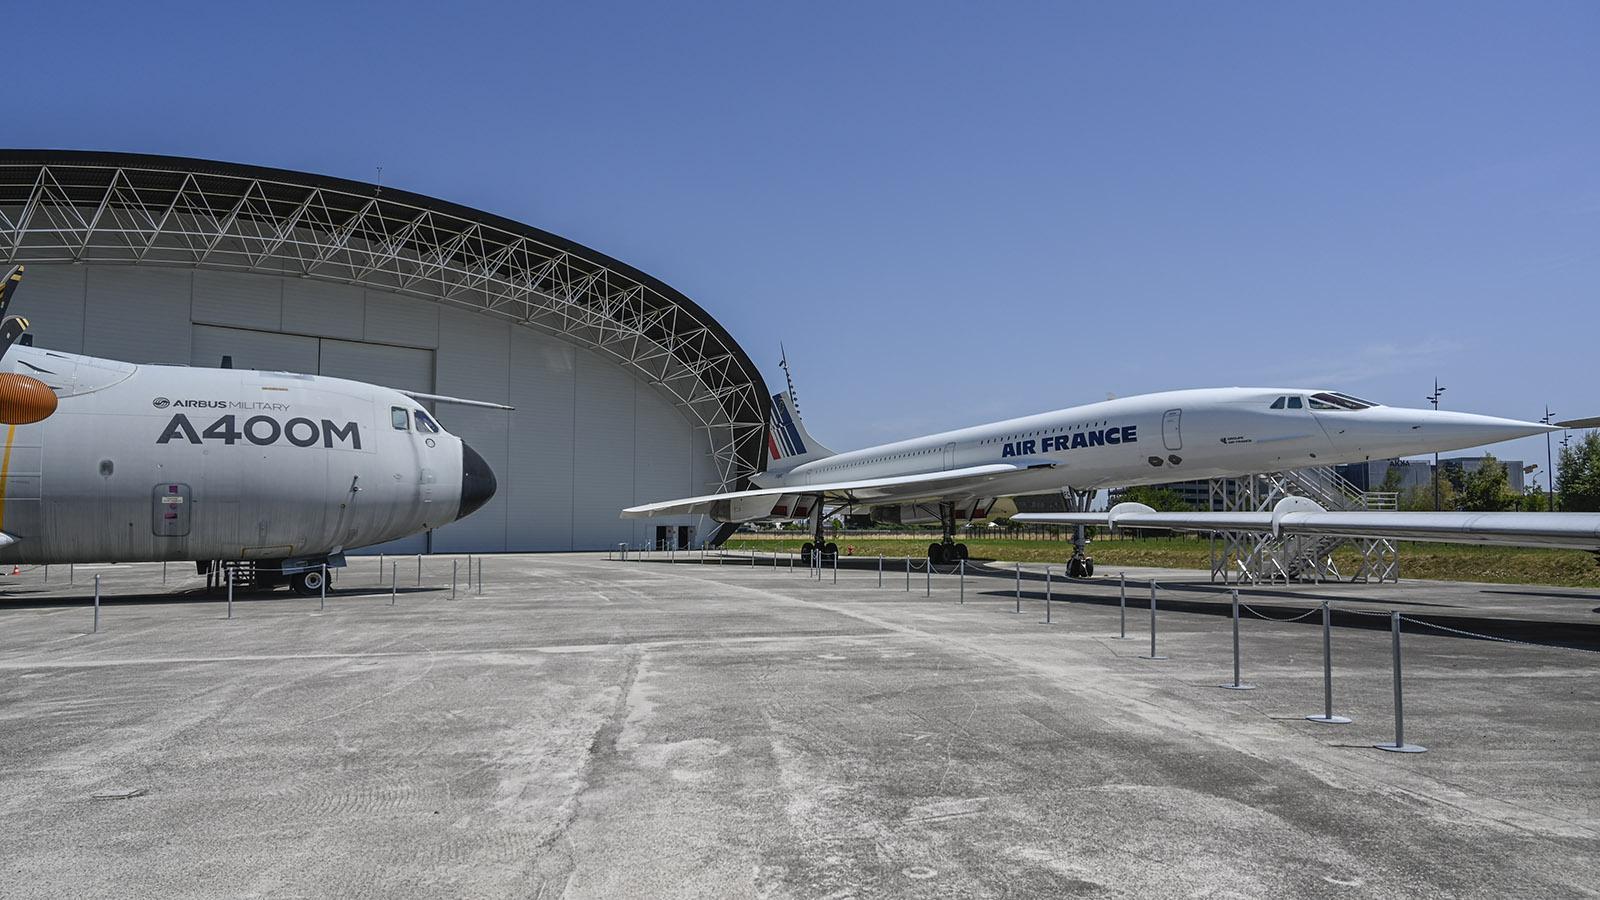 Aéroscopia: Die berühmte Concorde ist im Museum ebenso ausgestellt wie der Militärtransporter von Airbus Defence and Space A 400 M. Foto: Hilke MaunderH